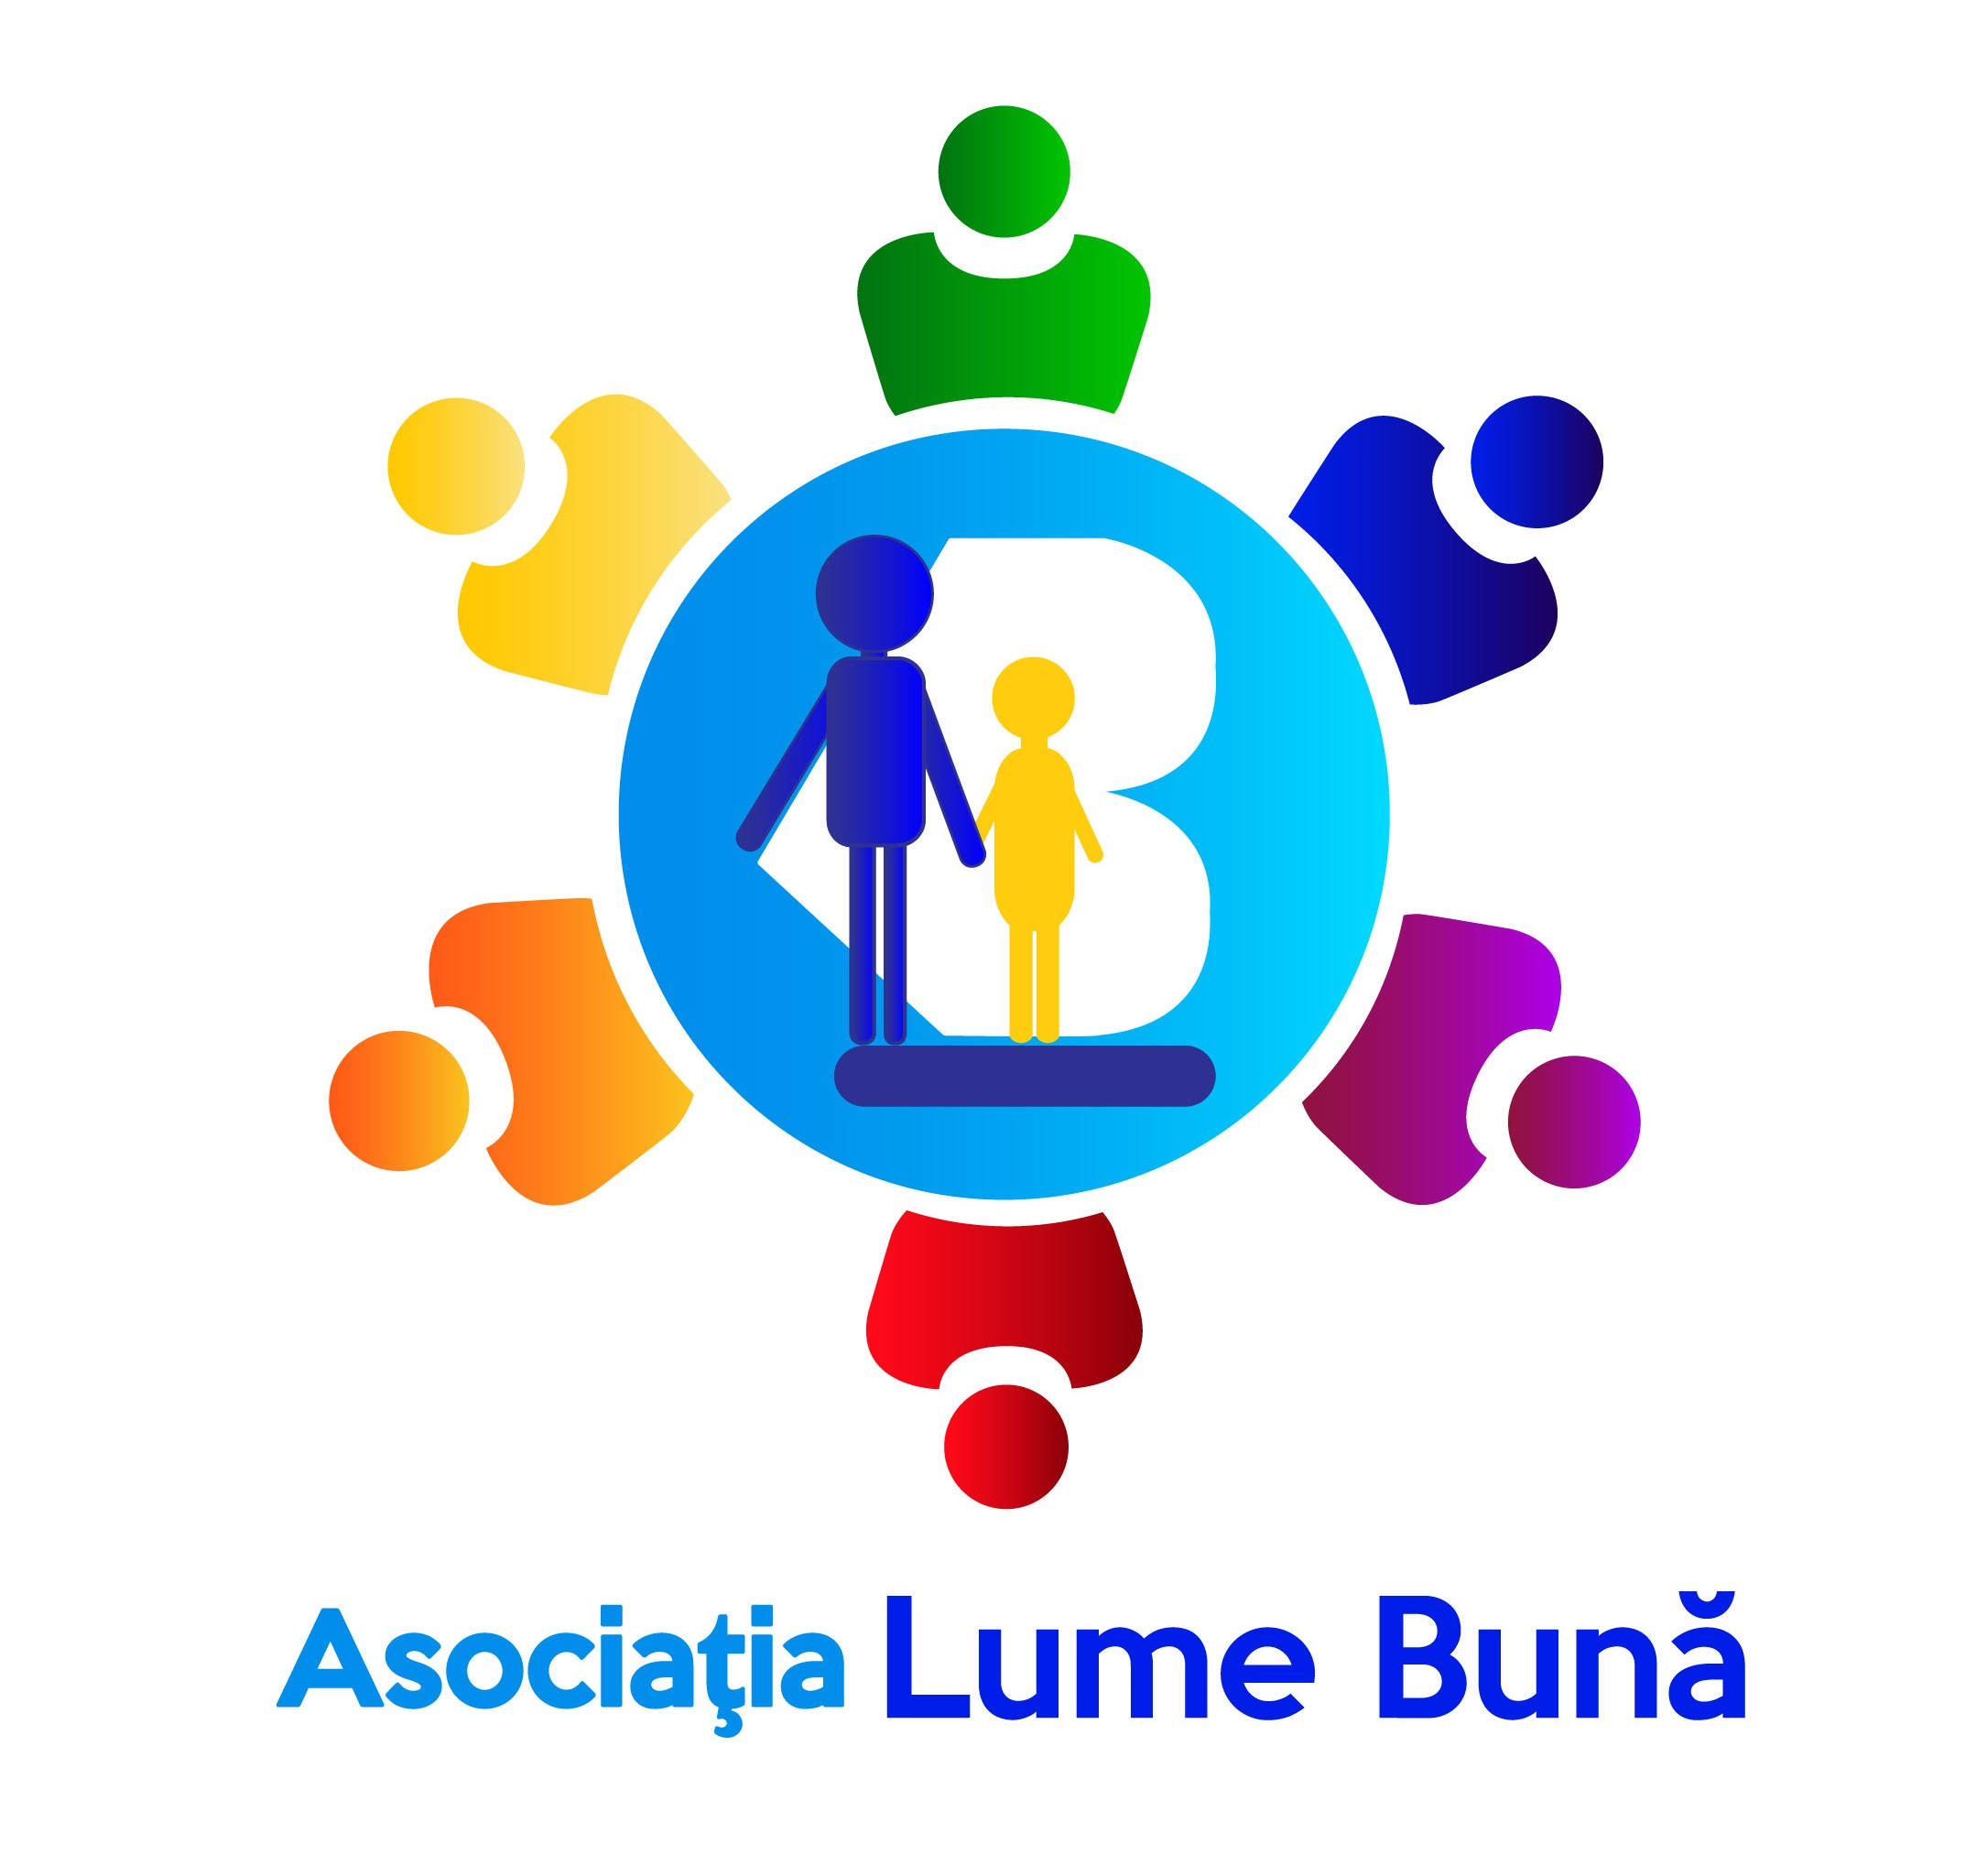 Asociatia Lume Buna logo